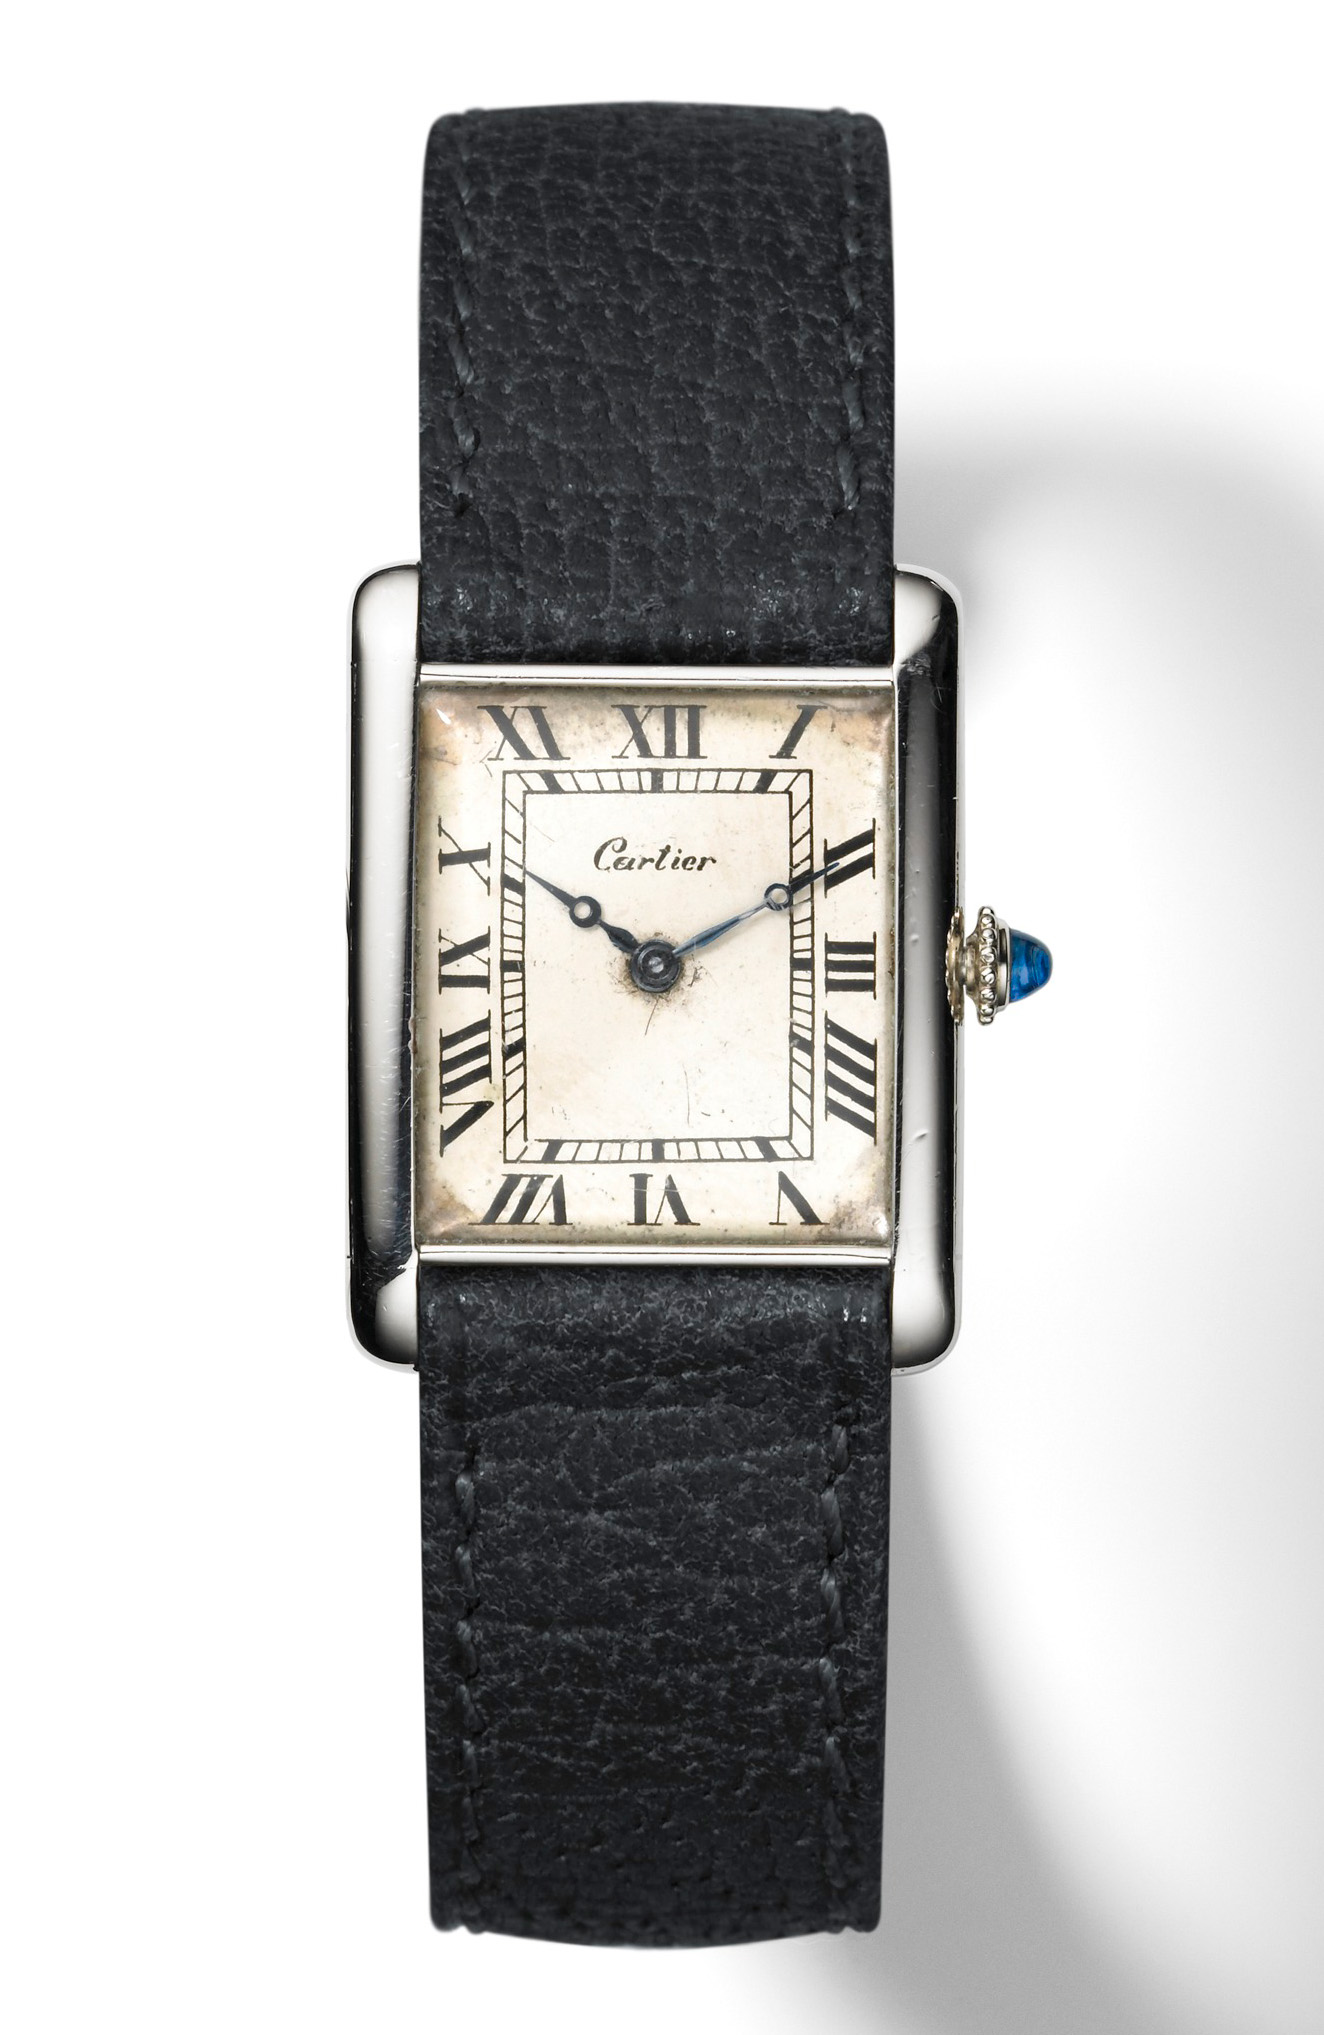 Tank Louis Cartier wristwatch Cartier, 1925